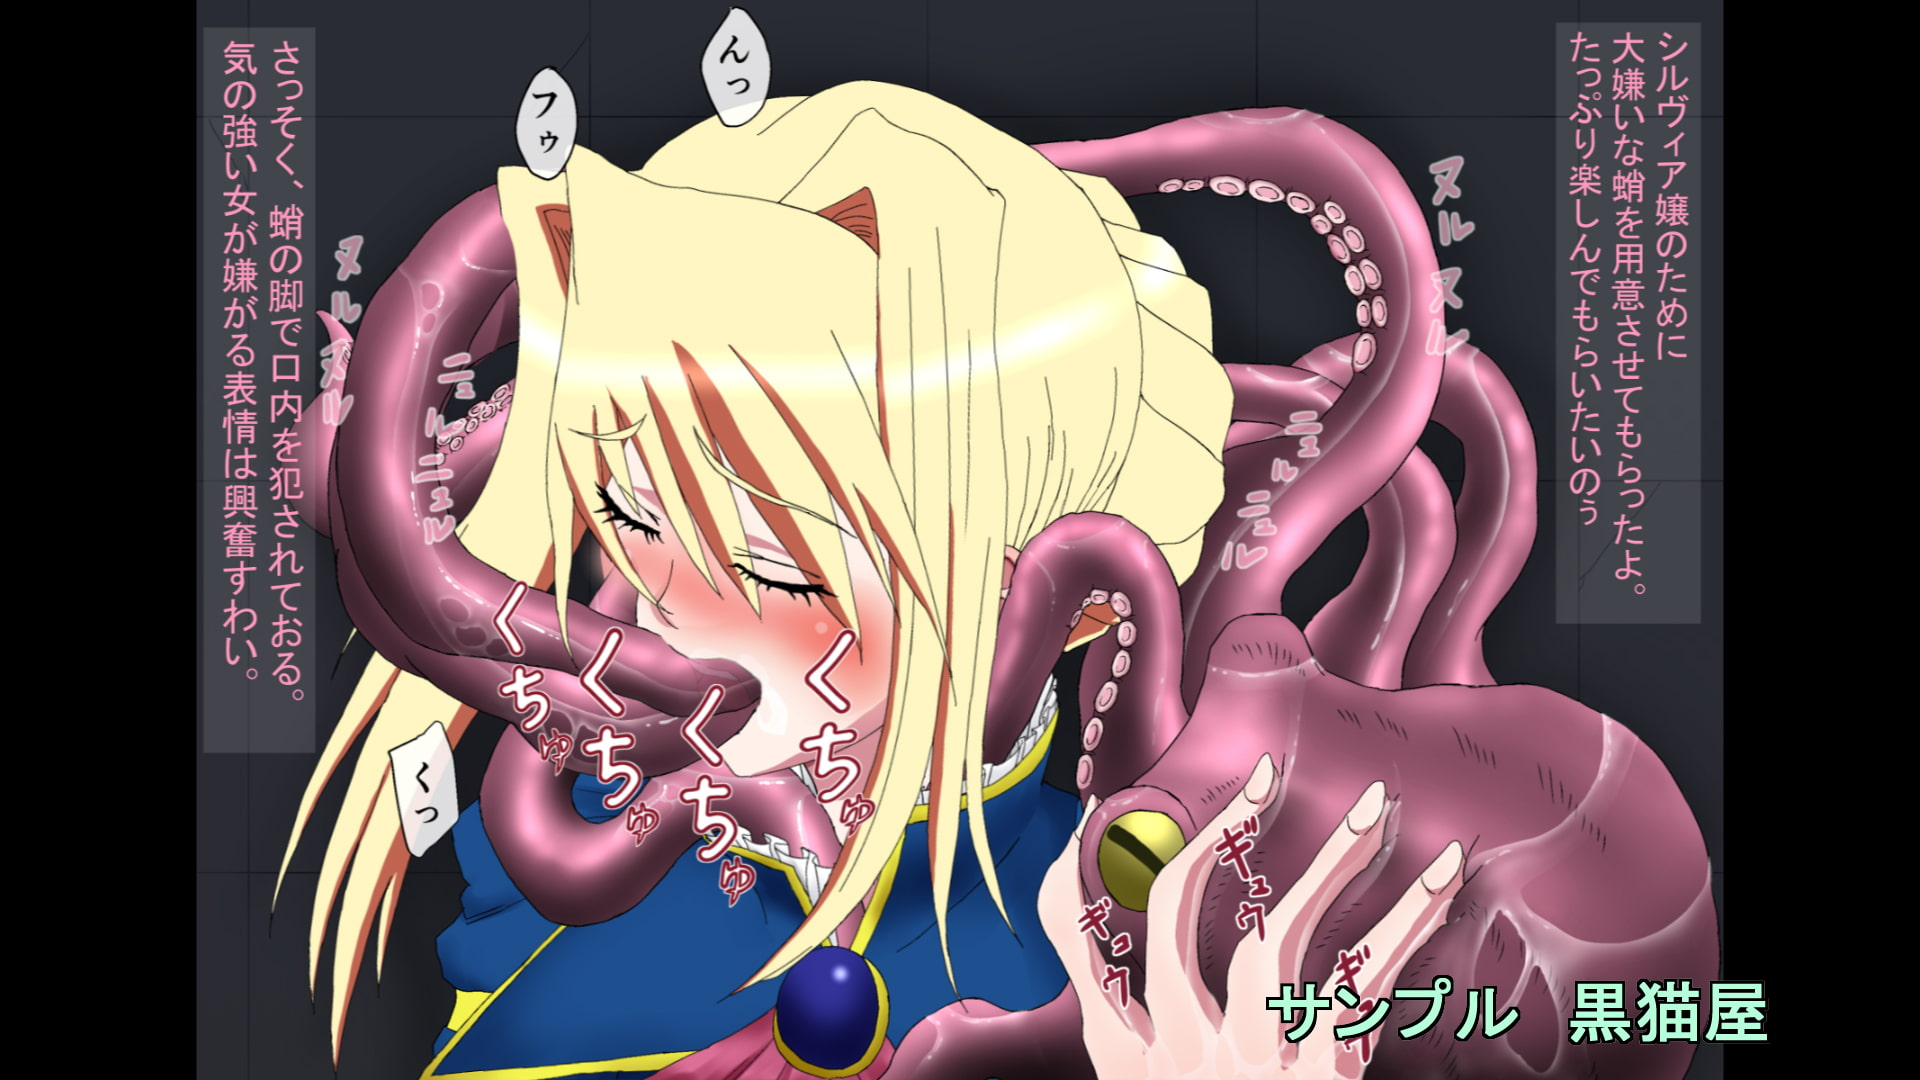 異種姦ラバー ~囚われの姫と騎士~ アニメ版